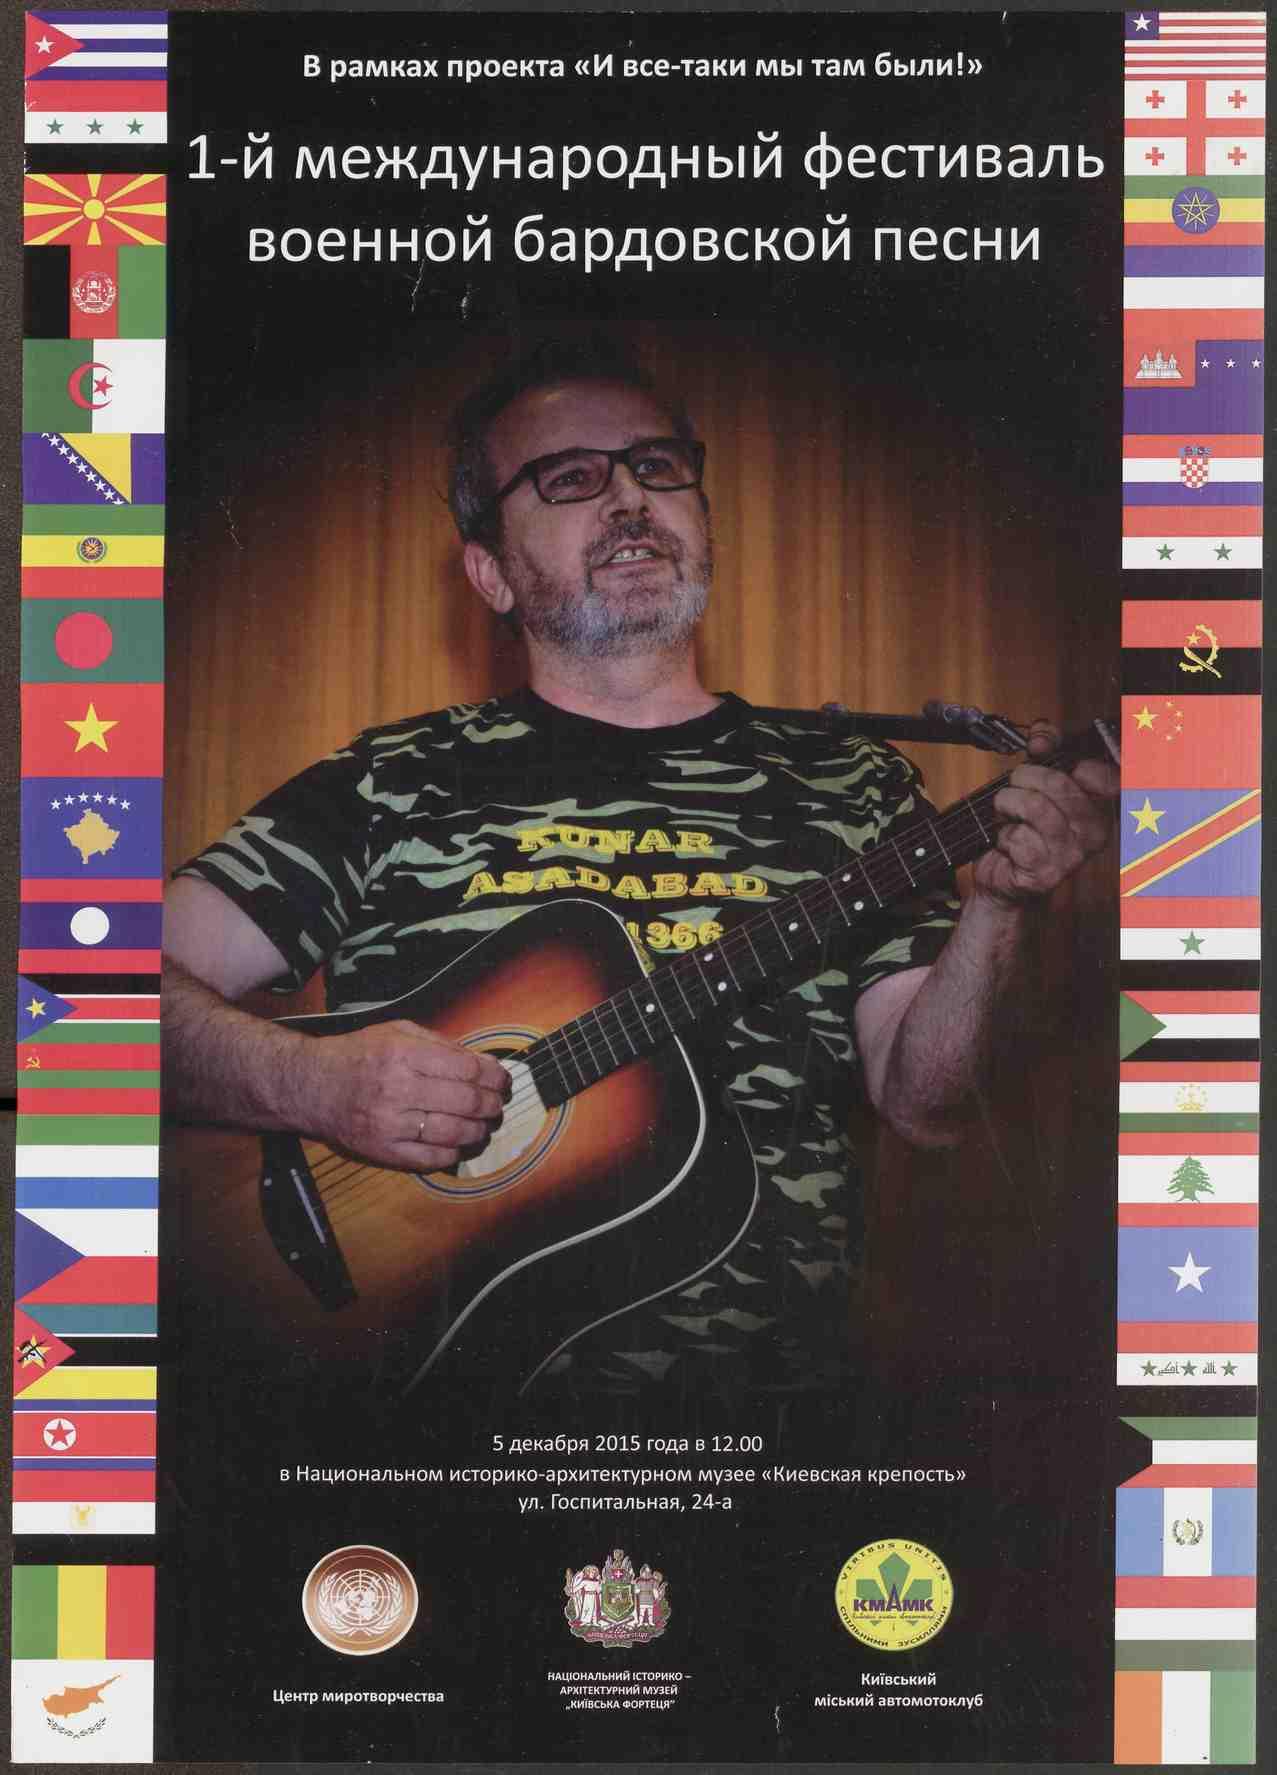 """Плакат. Афіша """"1-й международный фестиваль военной бардовской песни"""""""